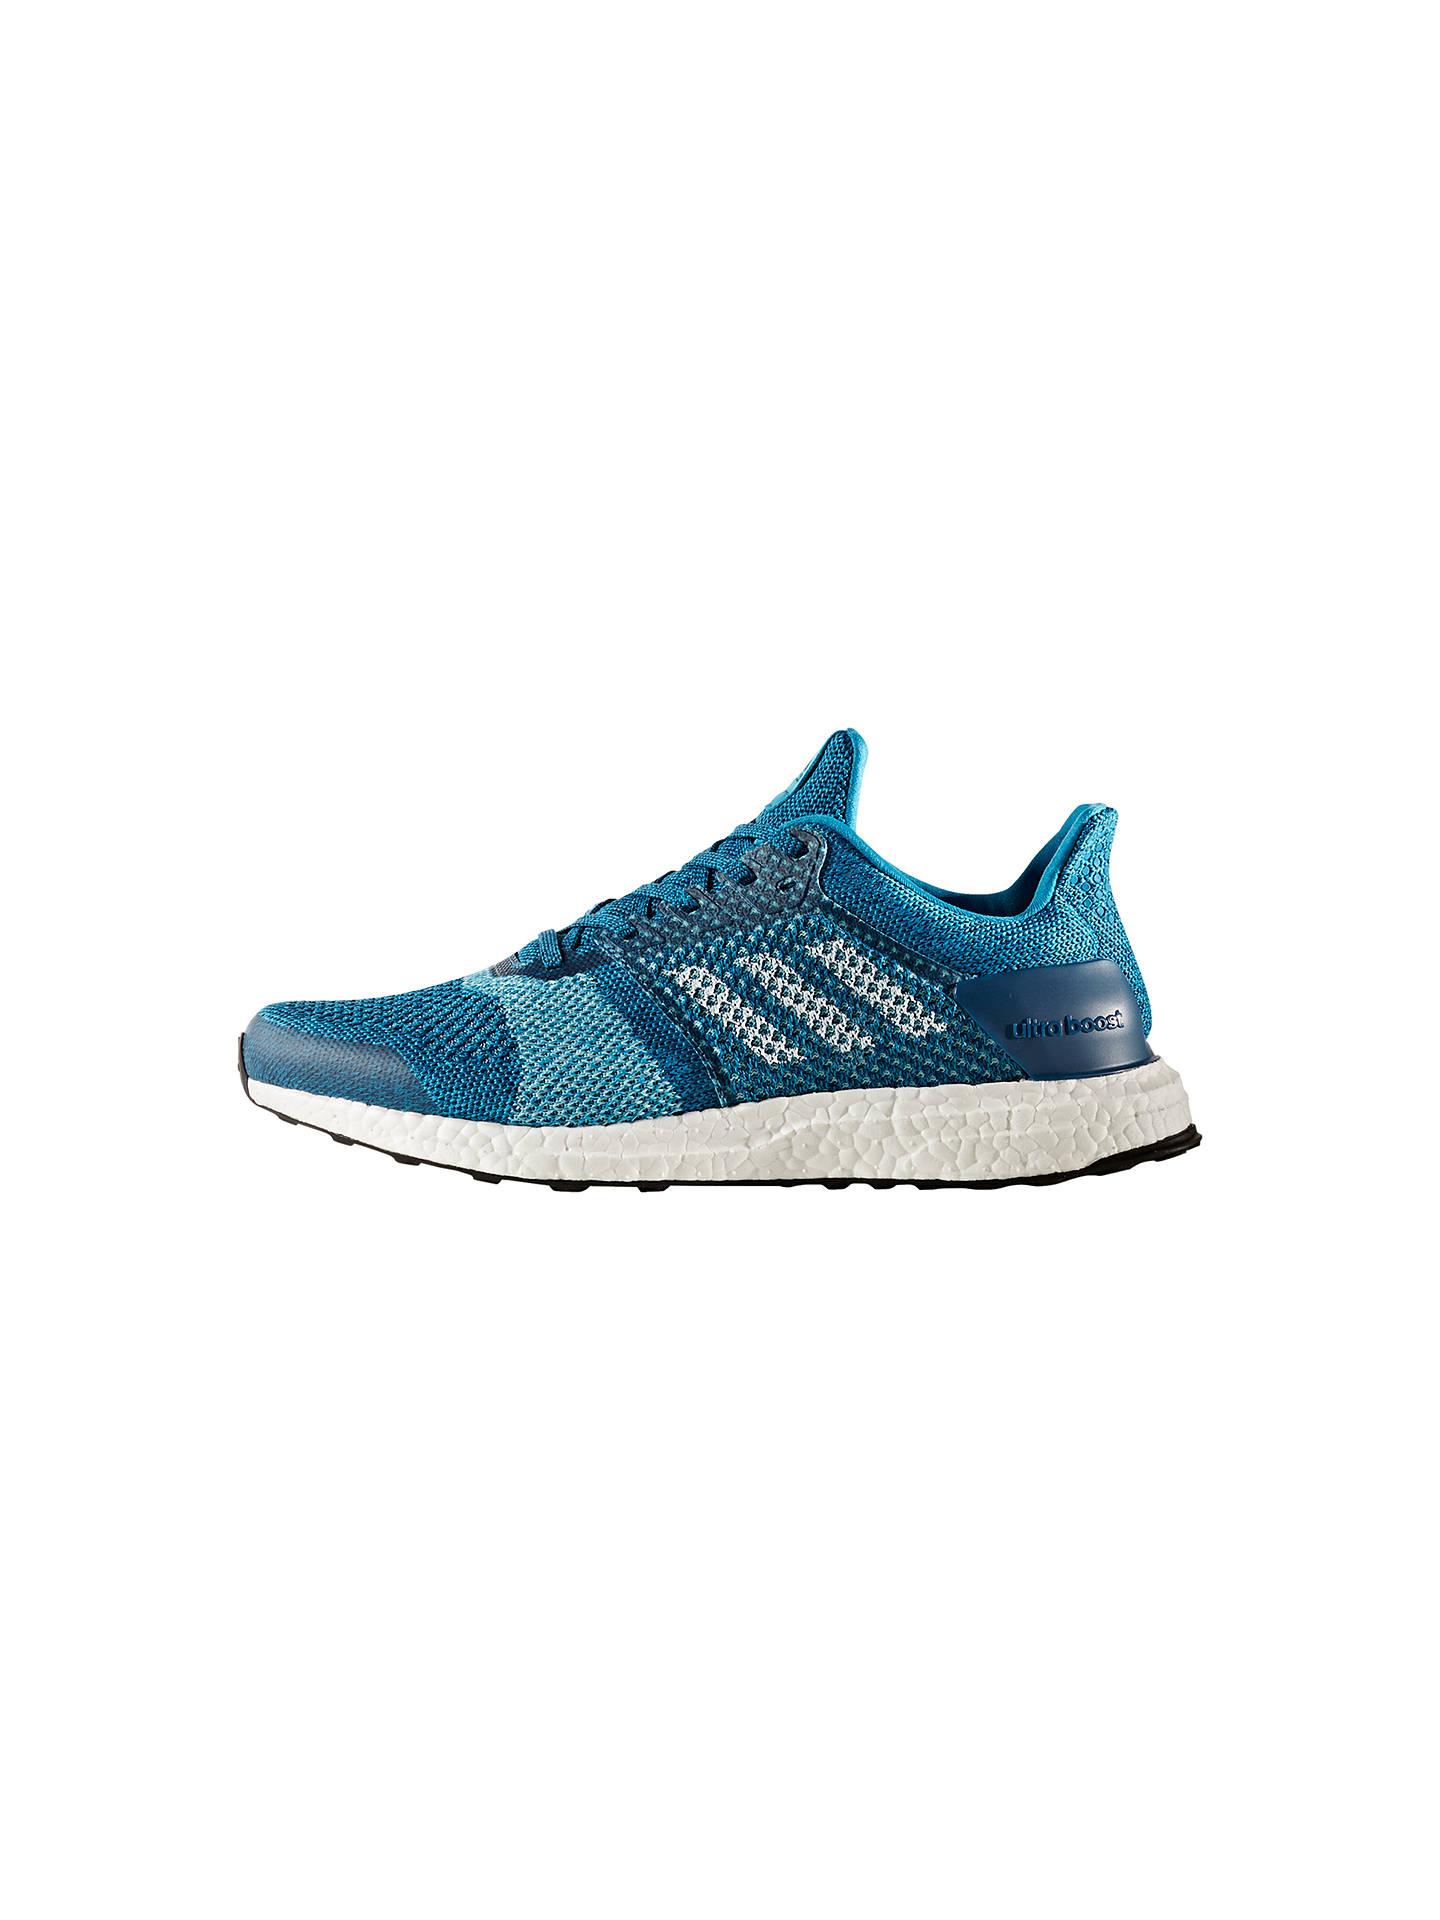 002cb18e3506a ... Buy adidas UltraBOOST ST Men s Running Shoes